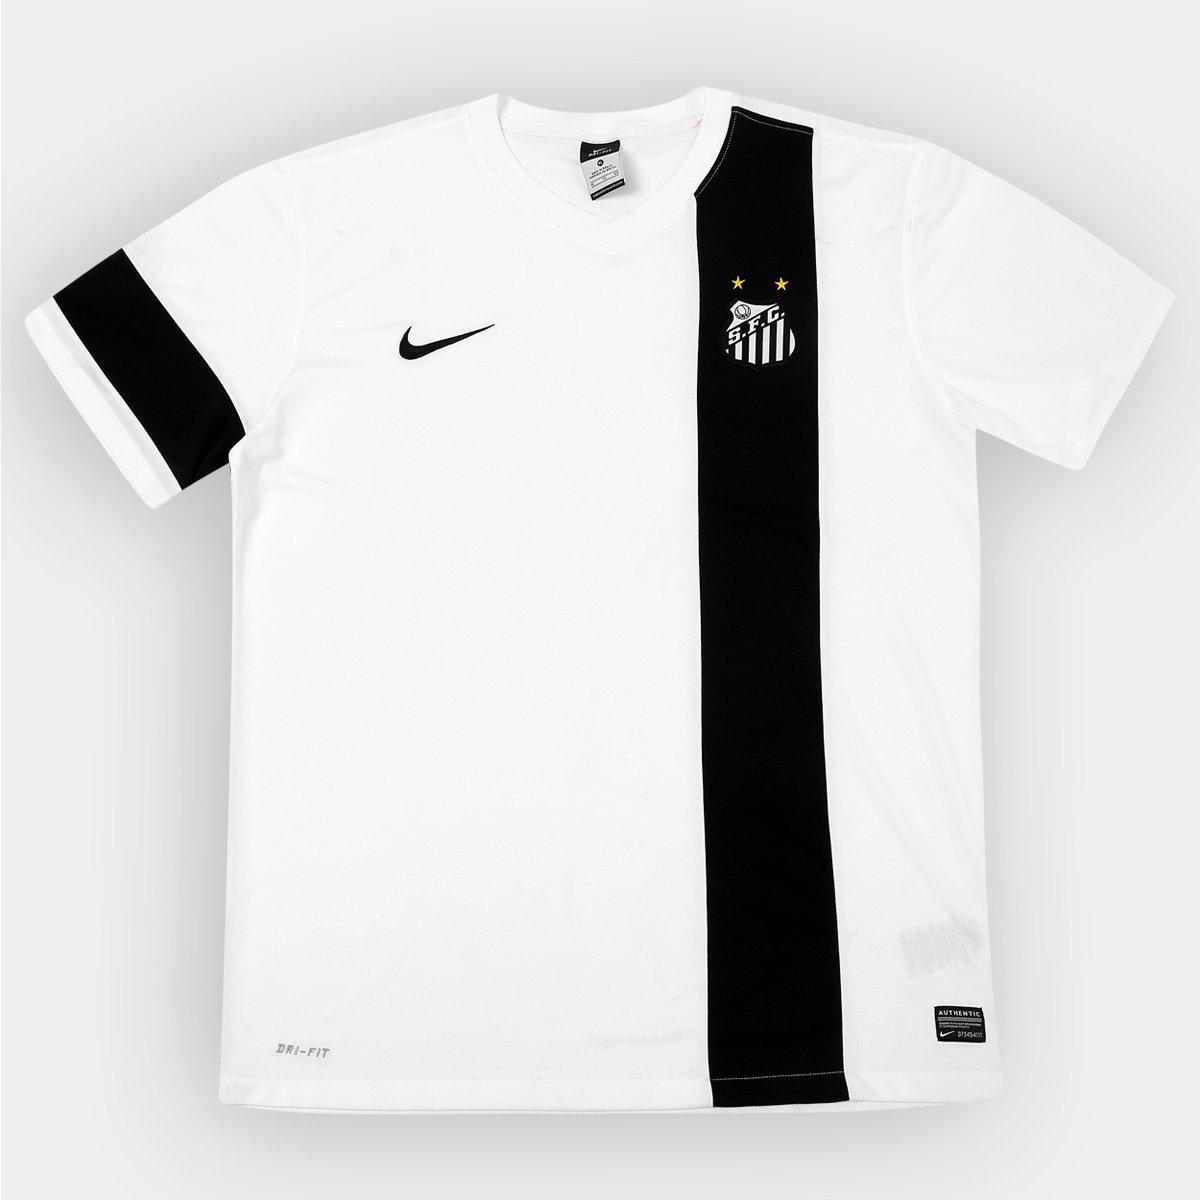 4b703b065b Camisa Nike Santos Treino 2013 - Comissão Técnica - Compre Agora ...